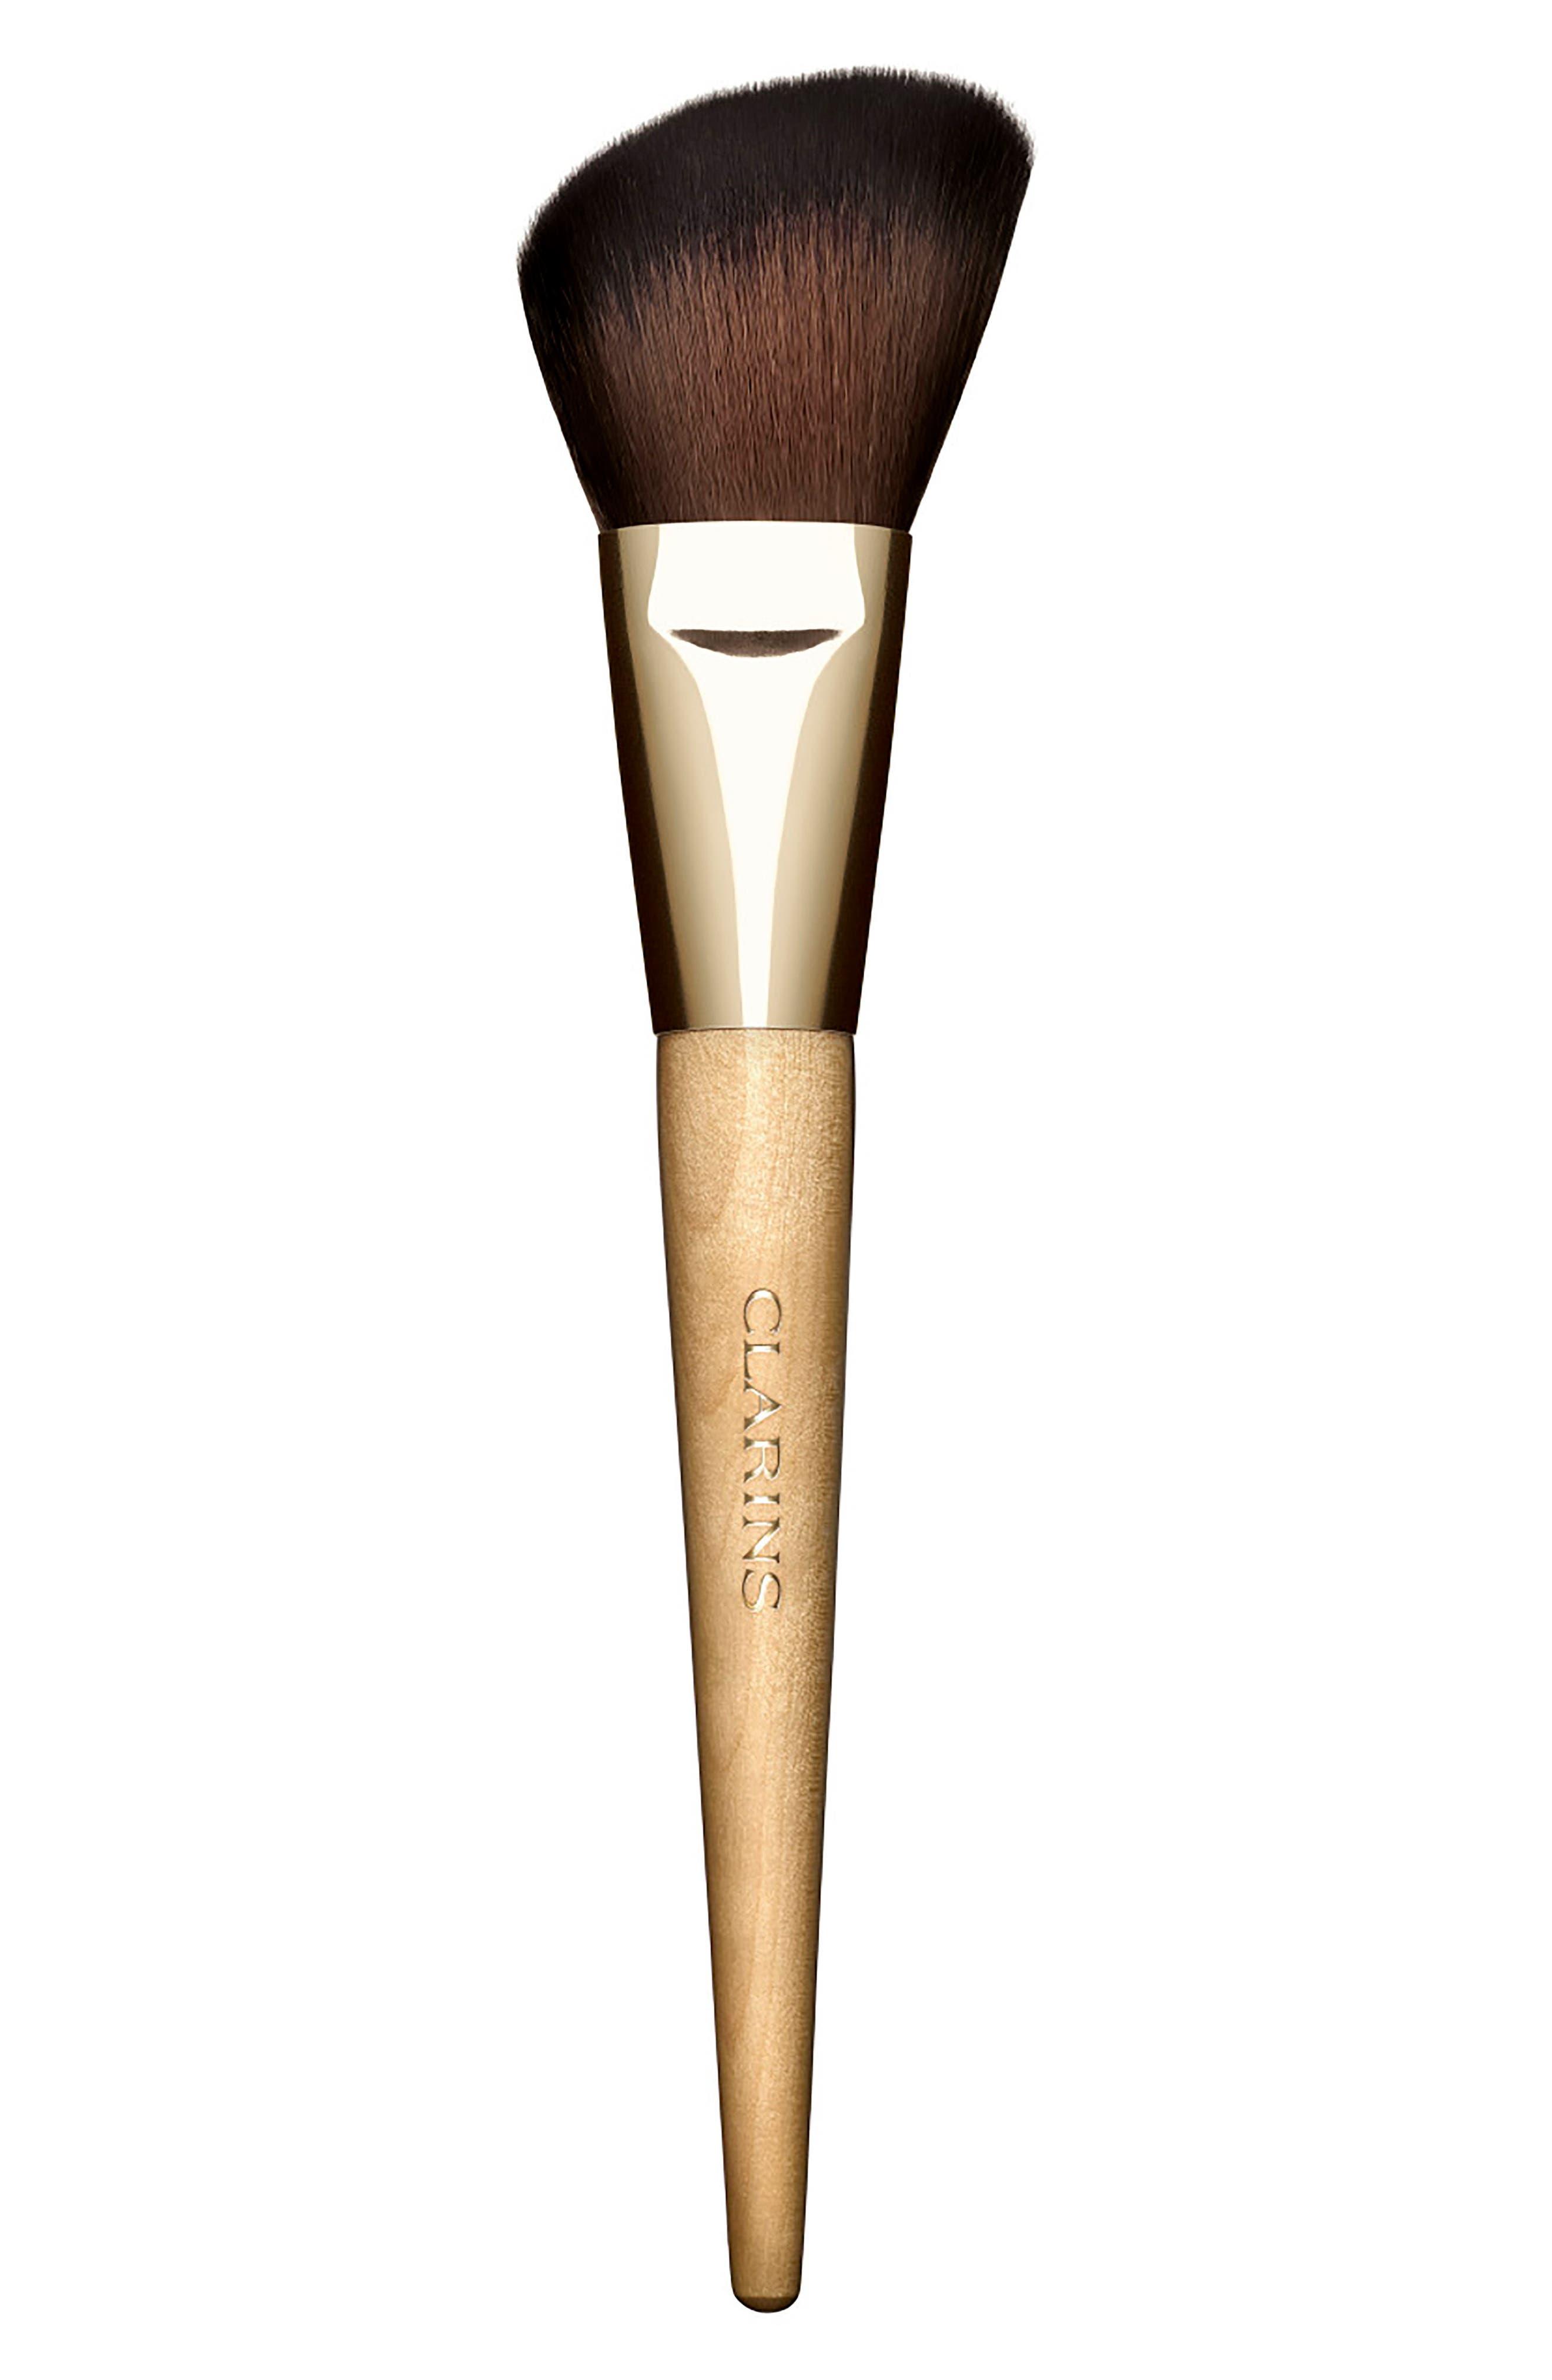 Blush Brush,                             Main thumbnail 1, color,                             000